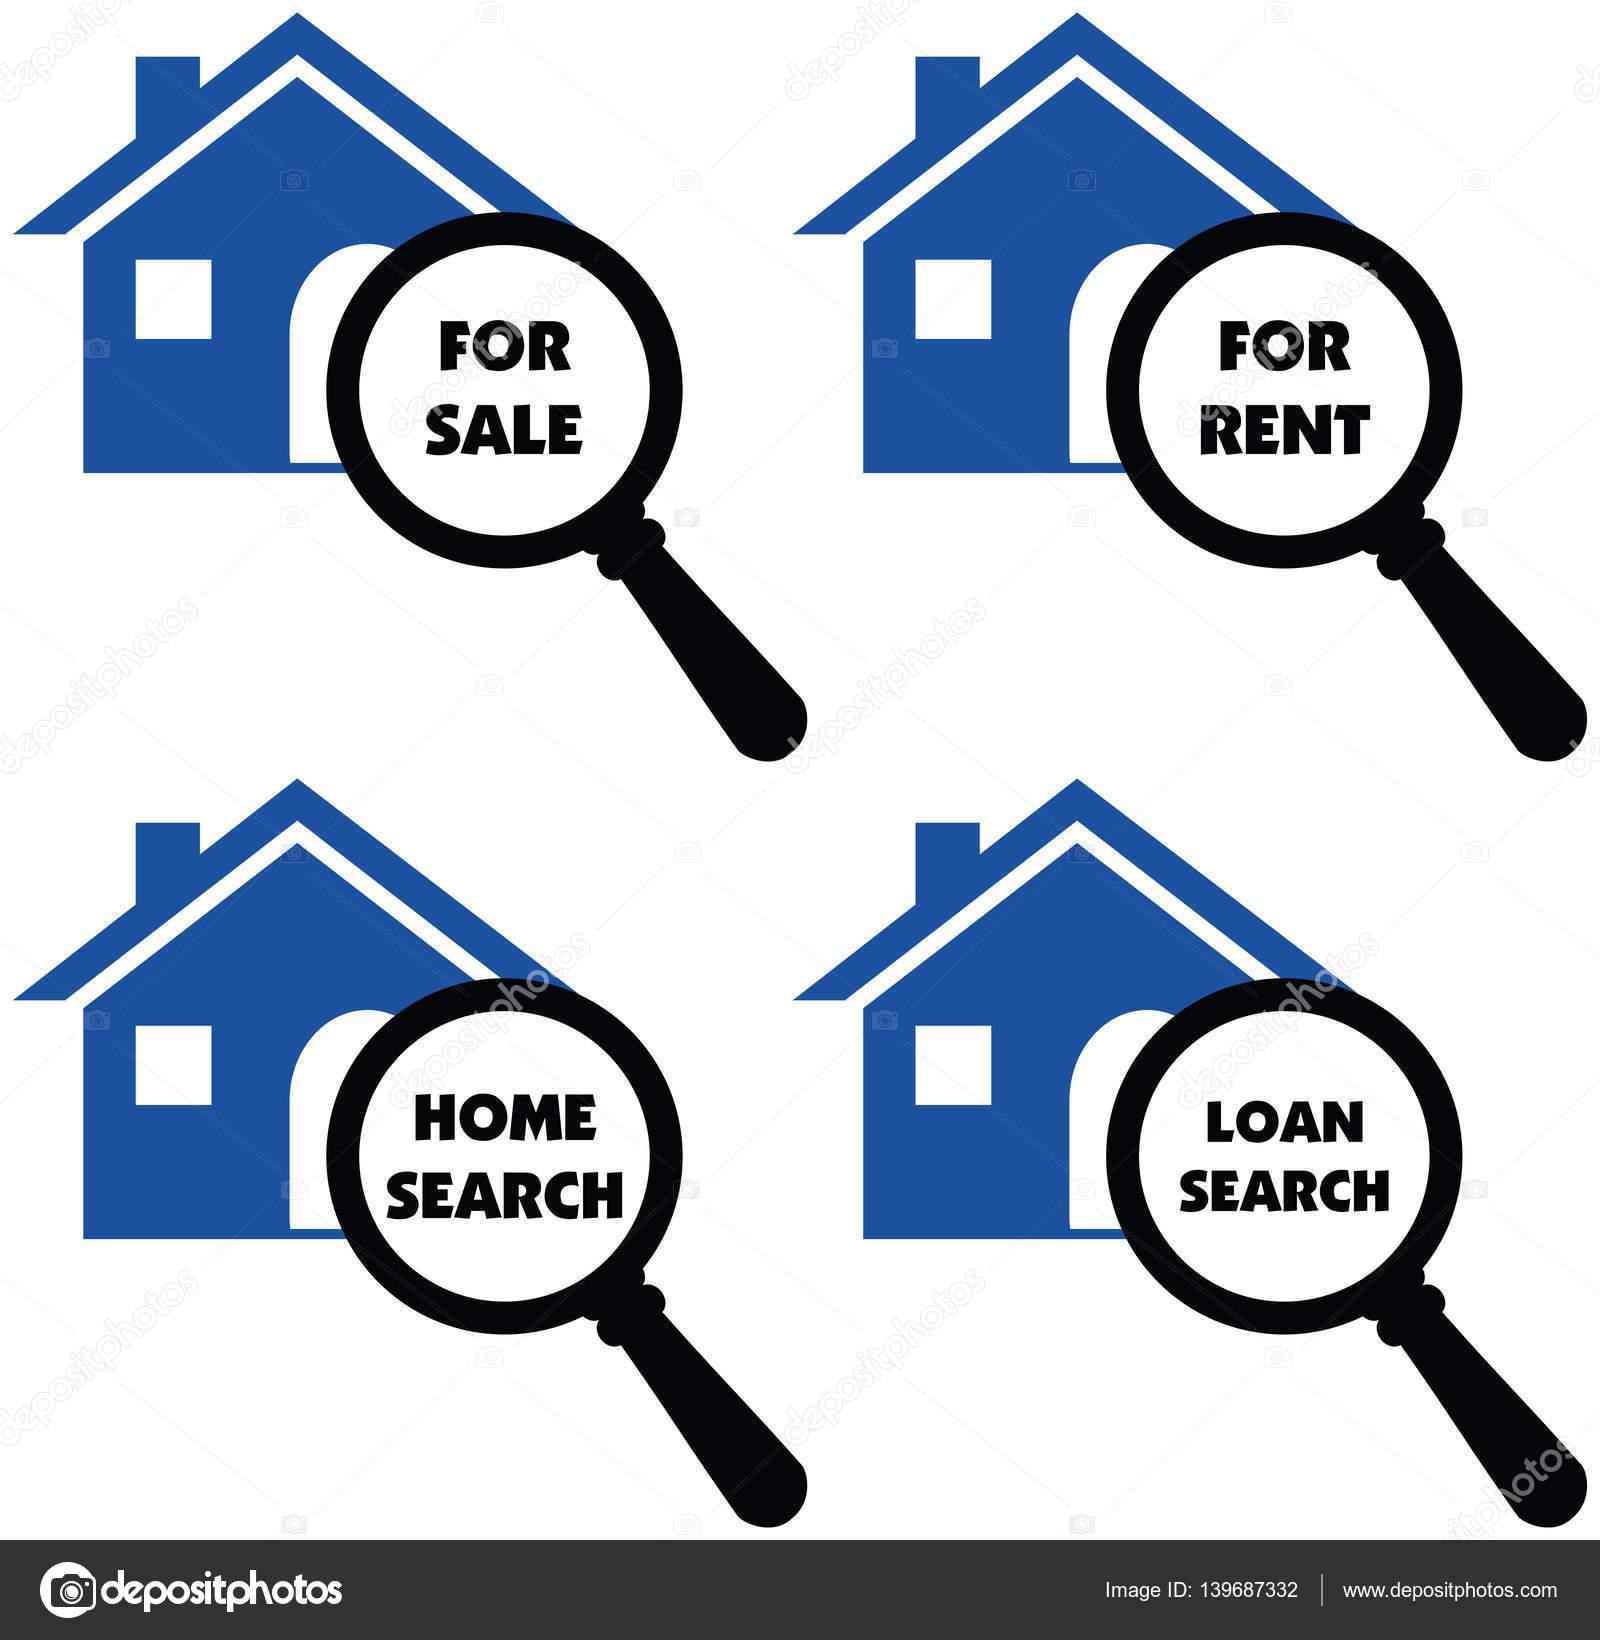 d1d243cd101a Σημάδια διάνυσμα αναζήτησης σπίτι